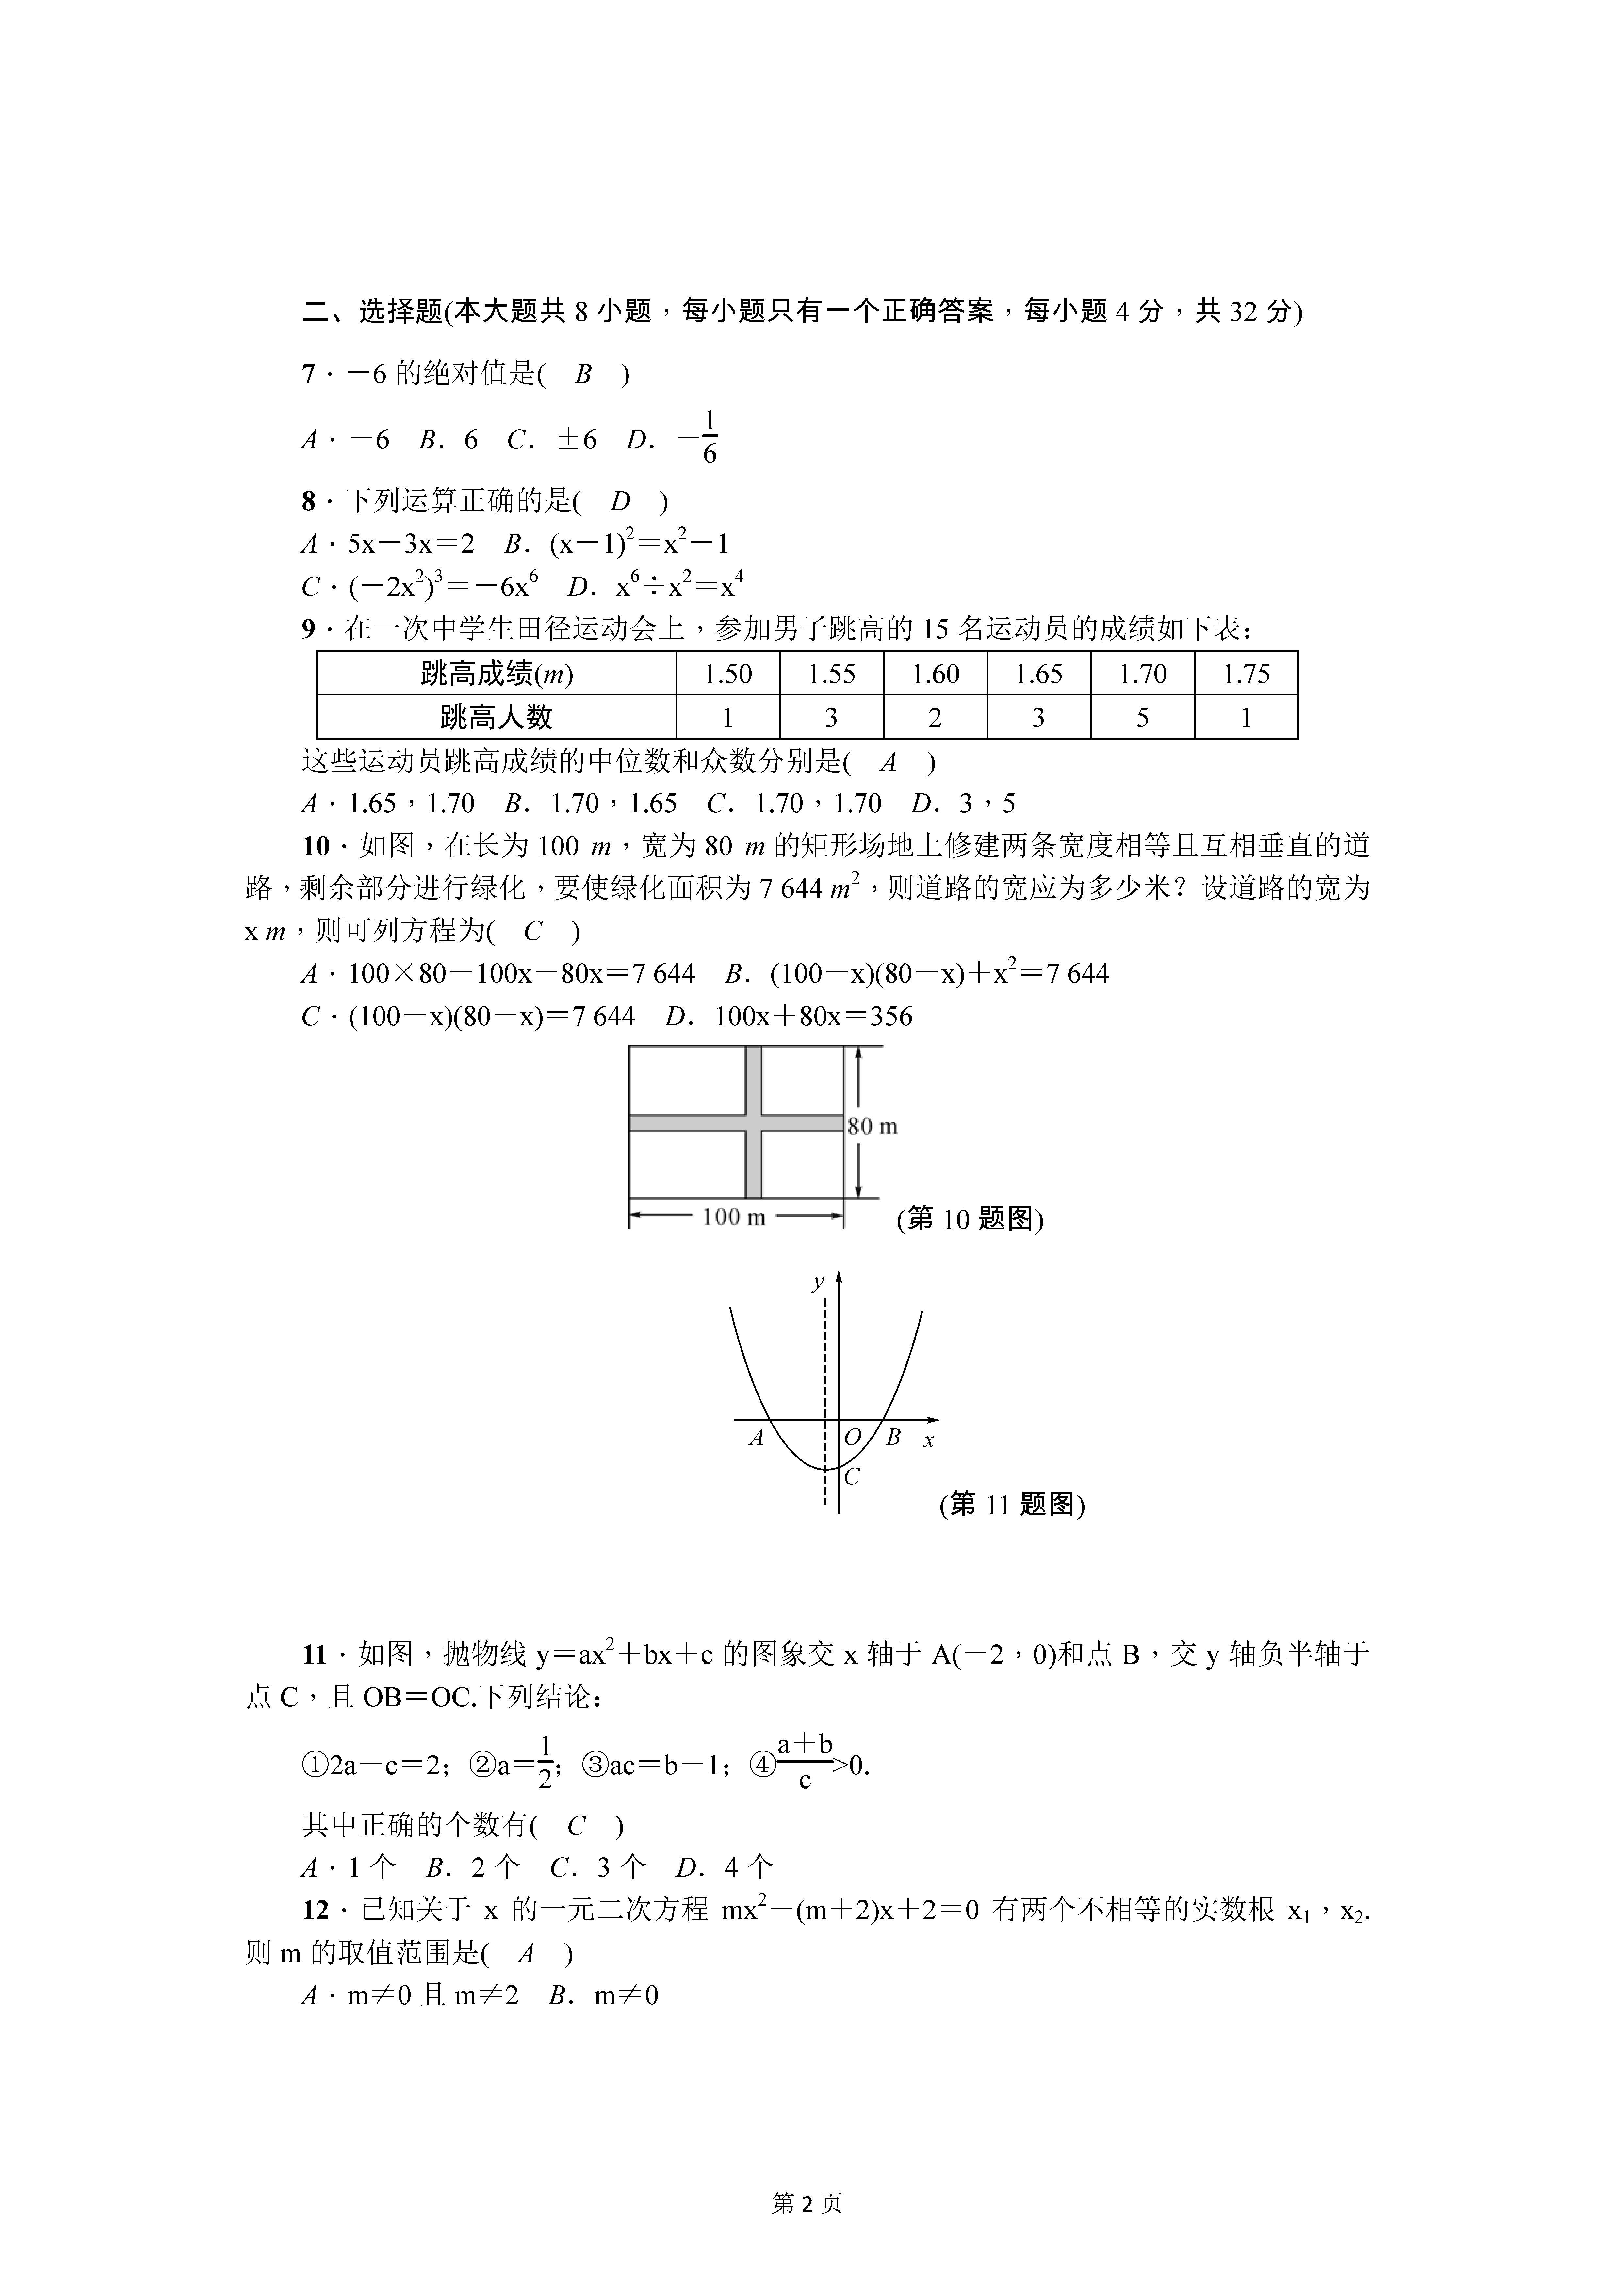 2017年云南省圖片學業水平考試模擬預測題1及答案(答案版)(2)課時高效通語文初中初中圖片